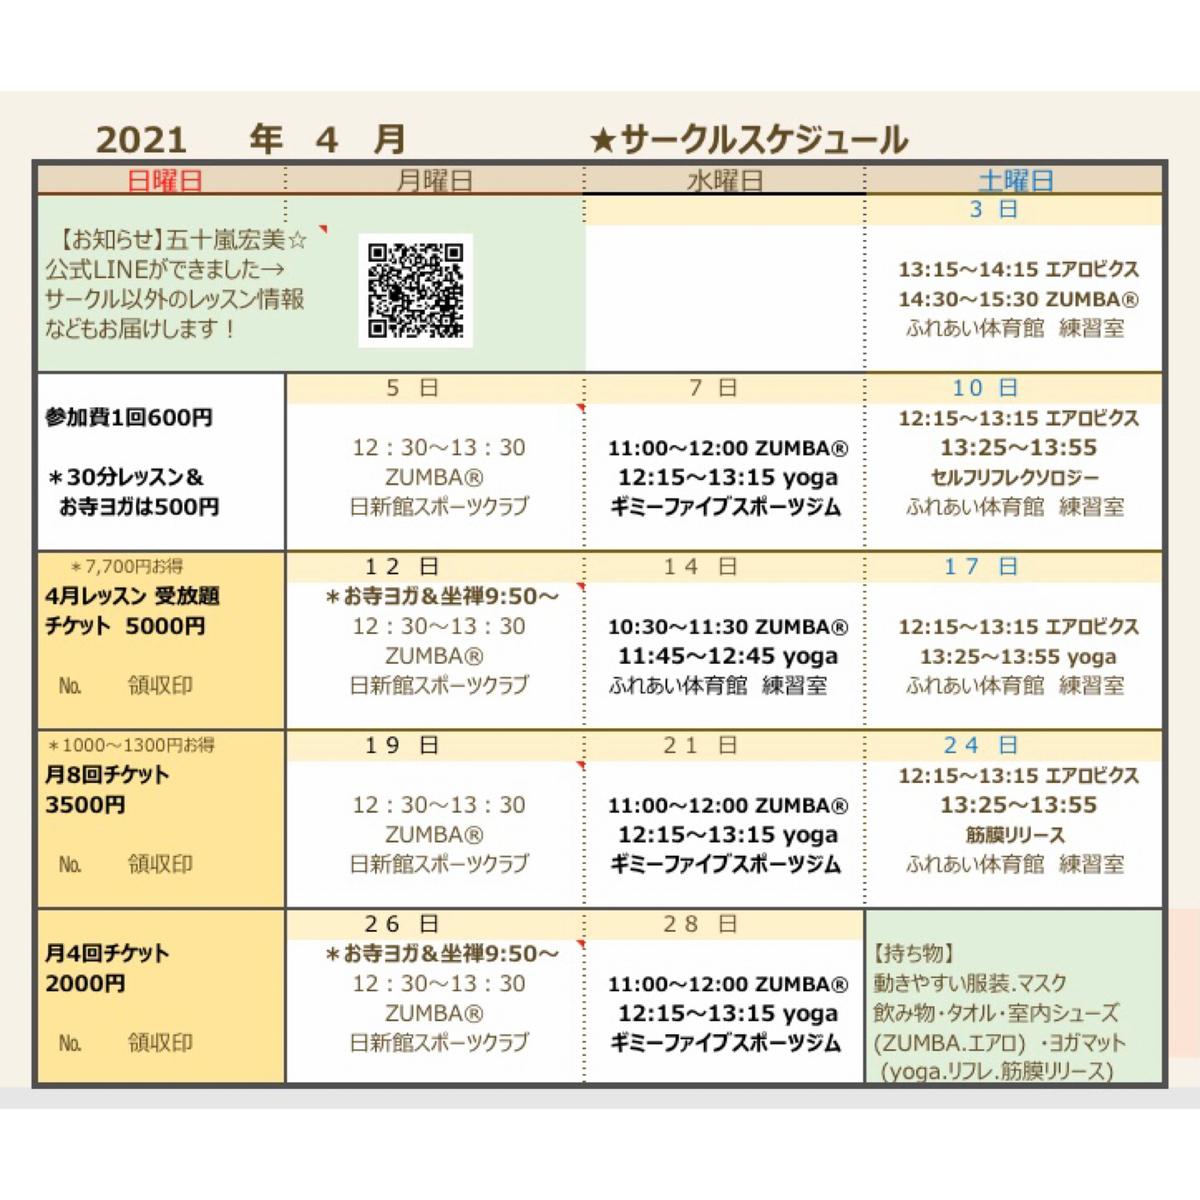 f:id:ryuromi3:20210401010754j:plain